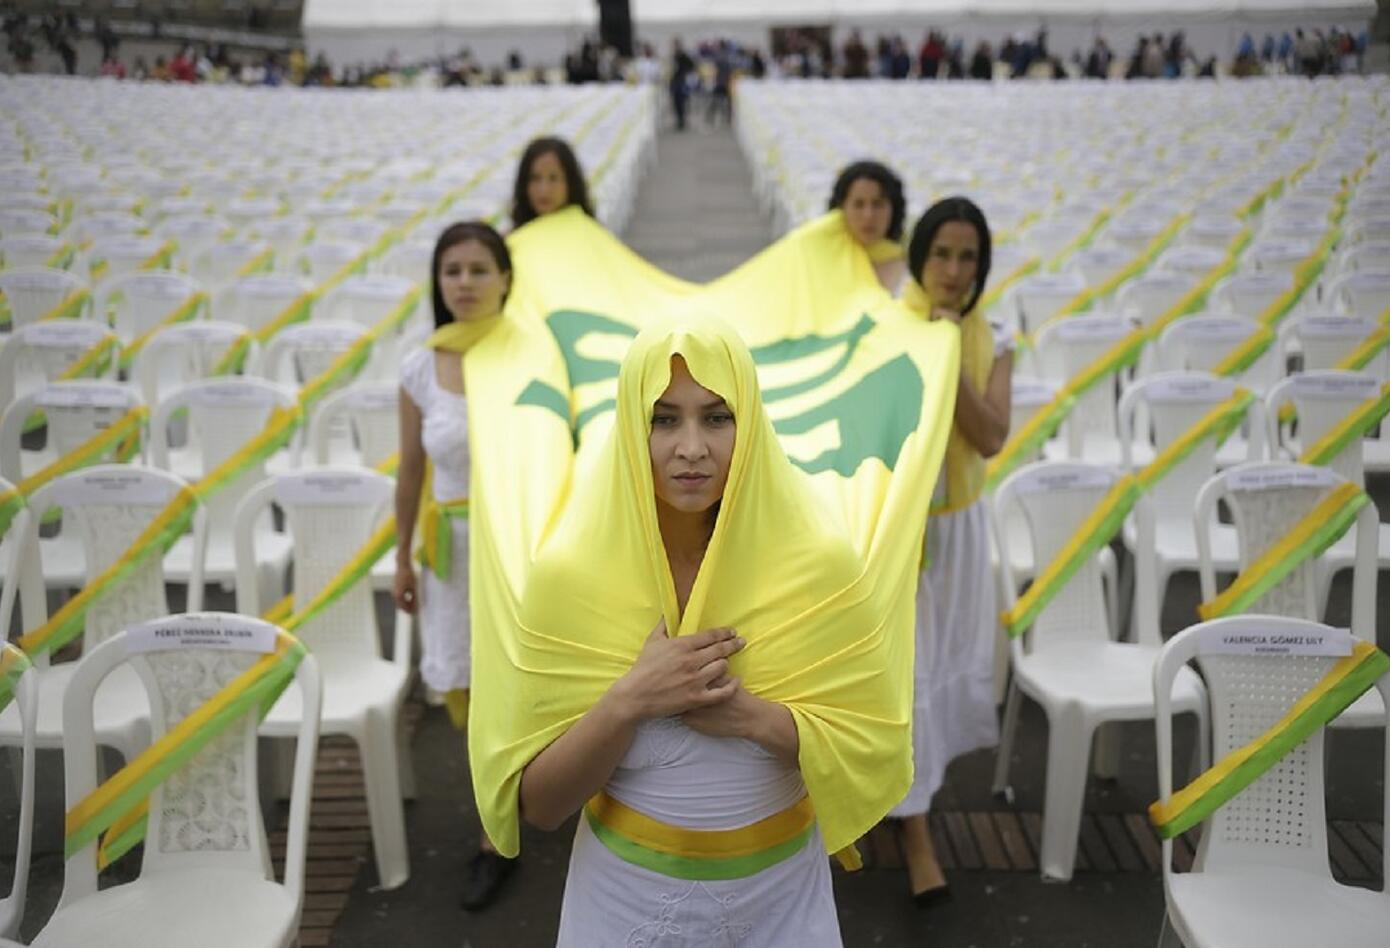 La UP está a la espera de la decisión judicial de la Corte Interamericana de Derechos Humanos sobre el genocidio de este partido político.